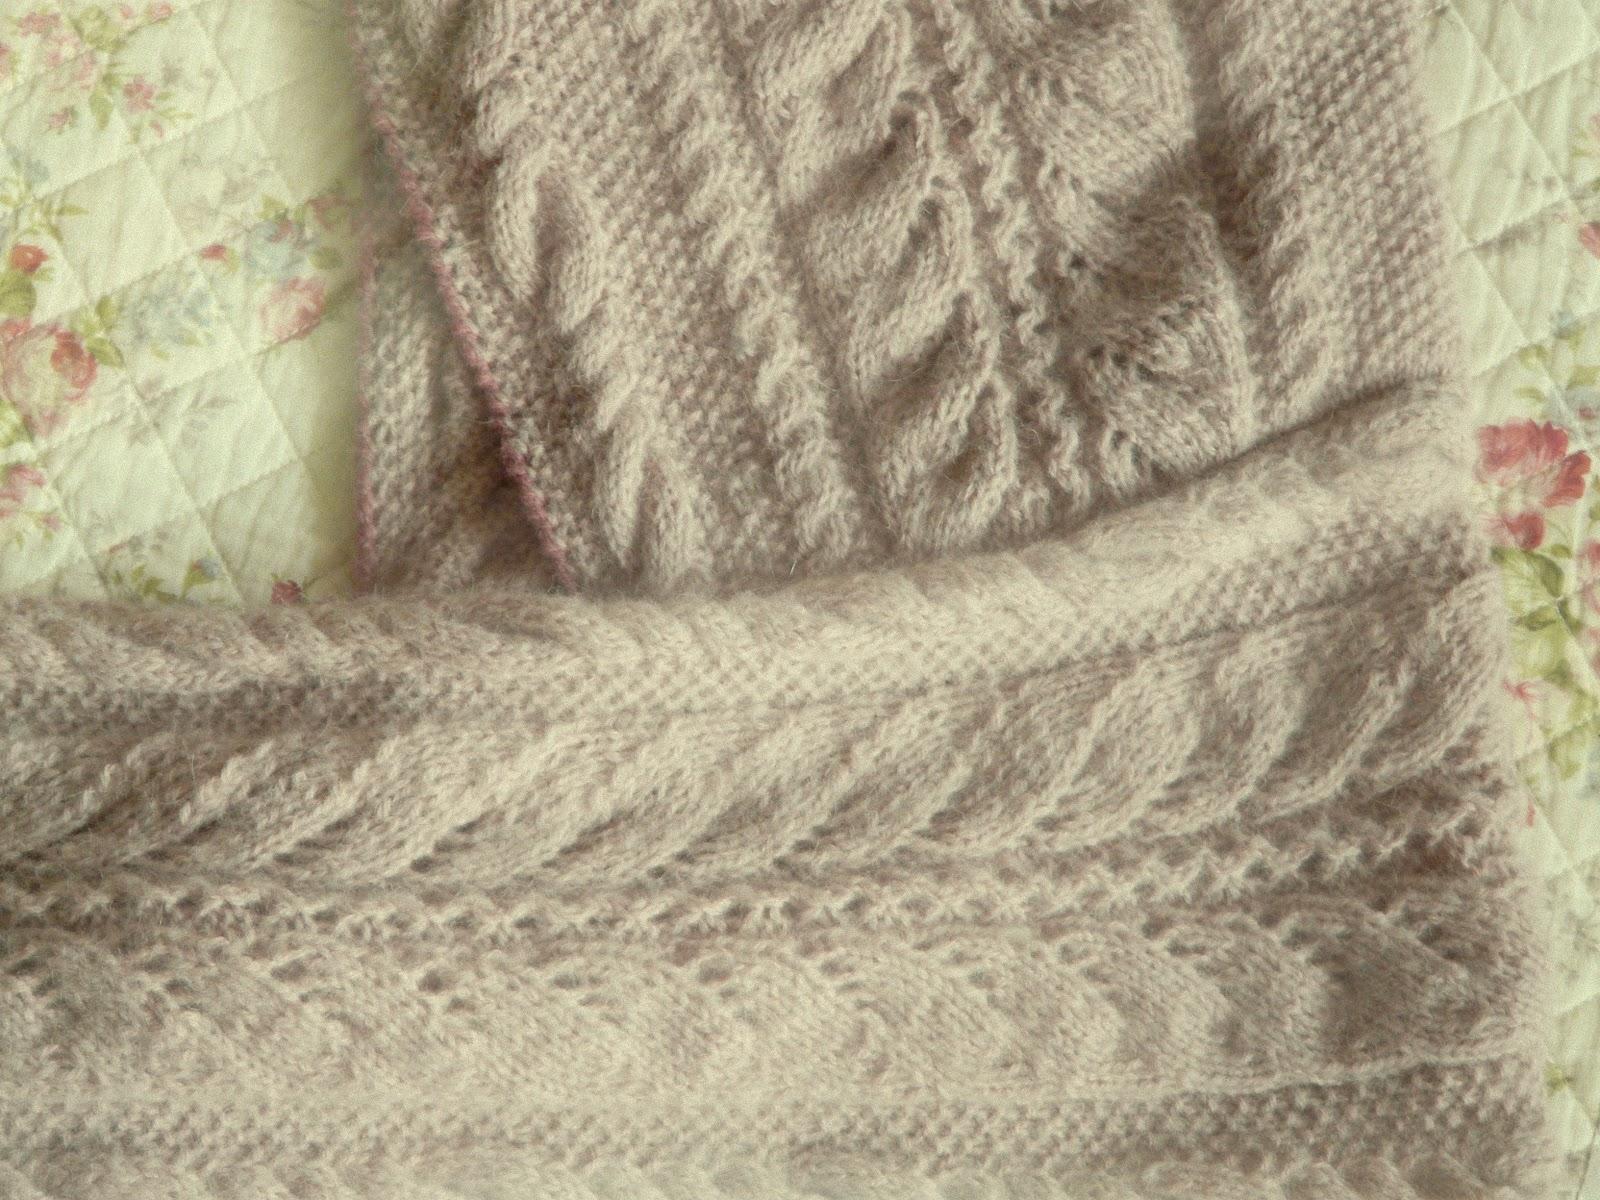 Kapuzenschal, gestrickt - Schal angenäht